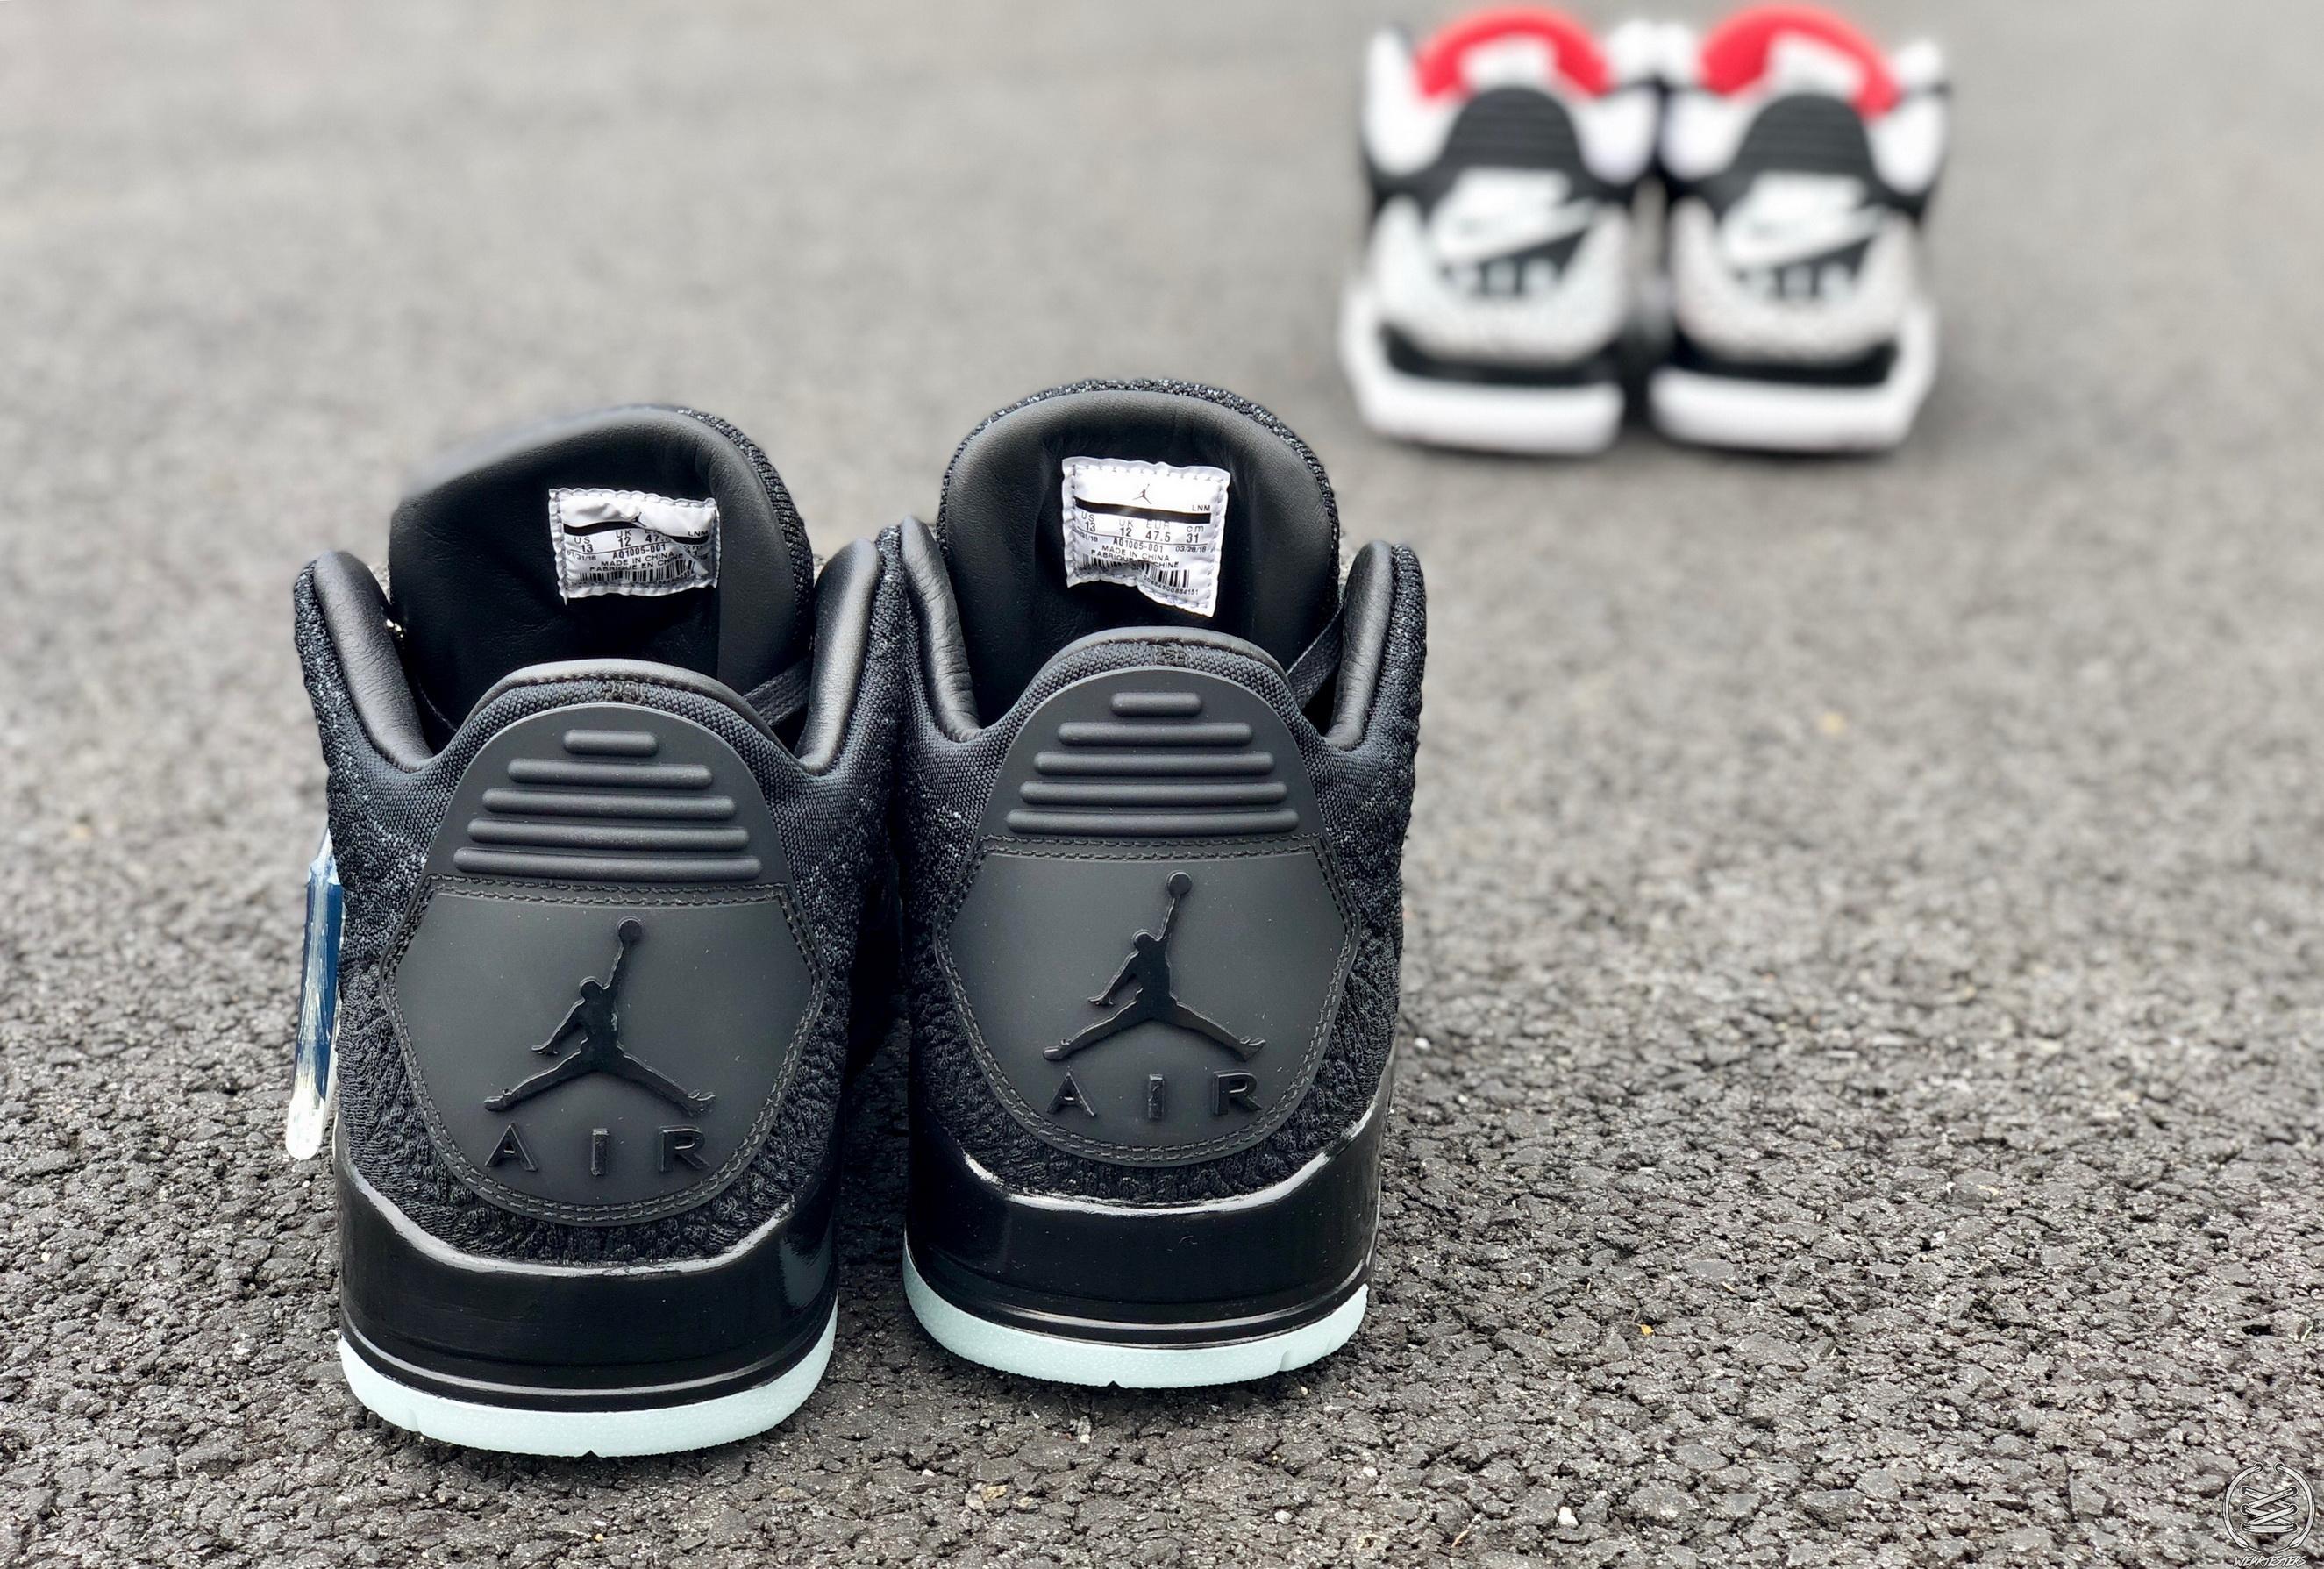 327cbd9b56a1 Air Jordan 3 Flyknit detailed look stanley t weartesters heel ...